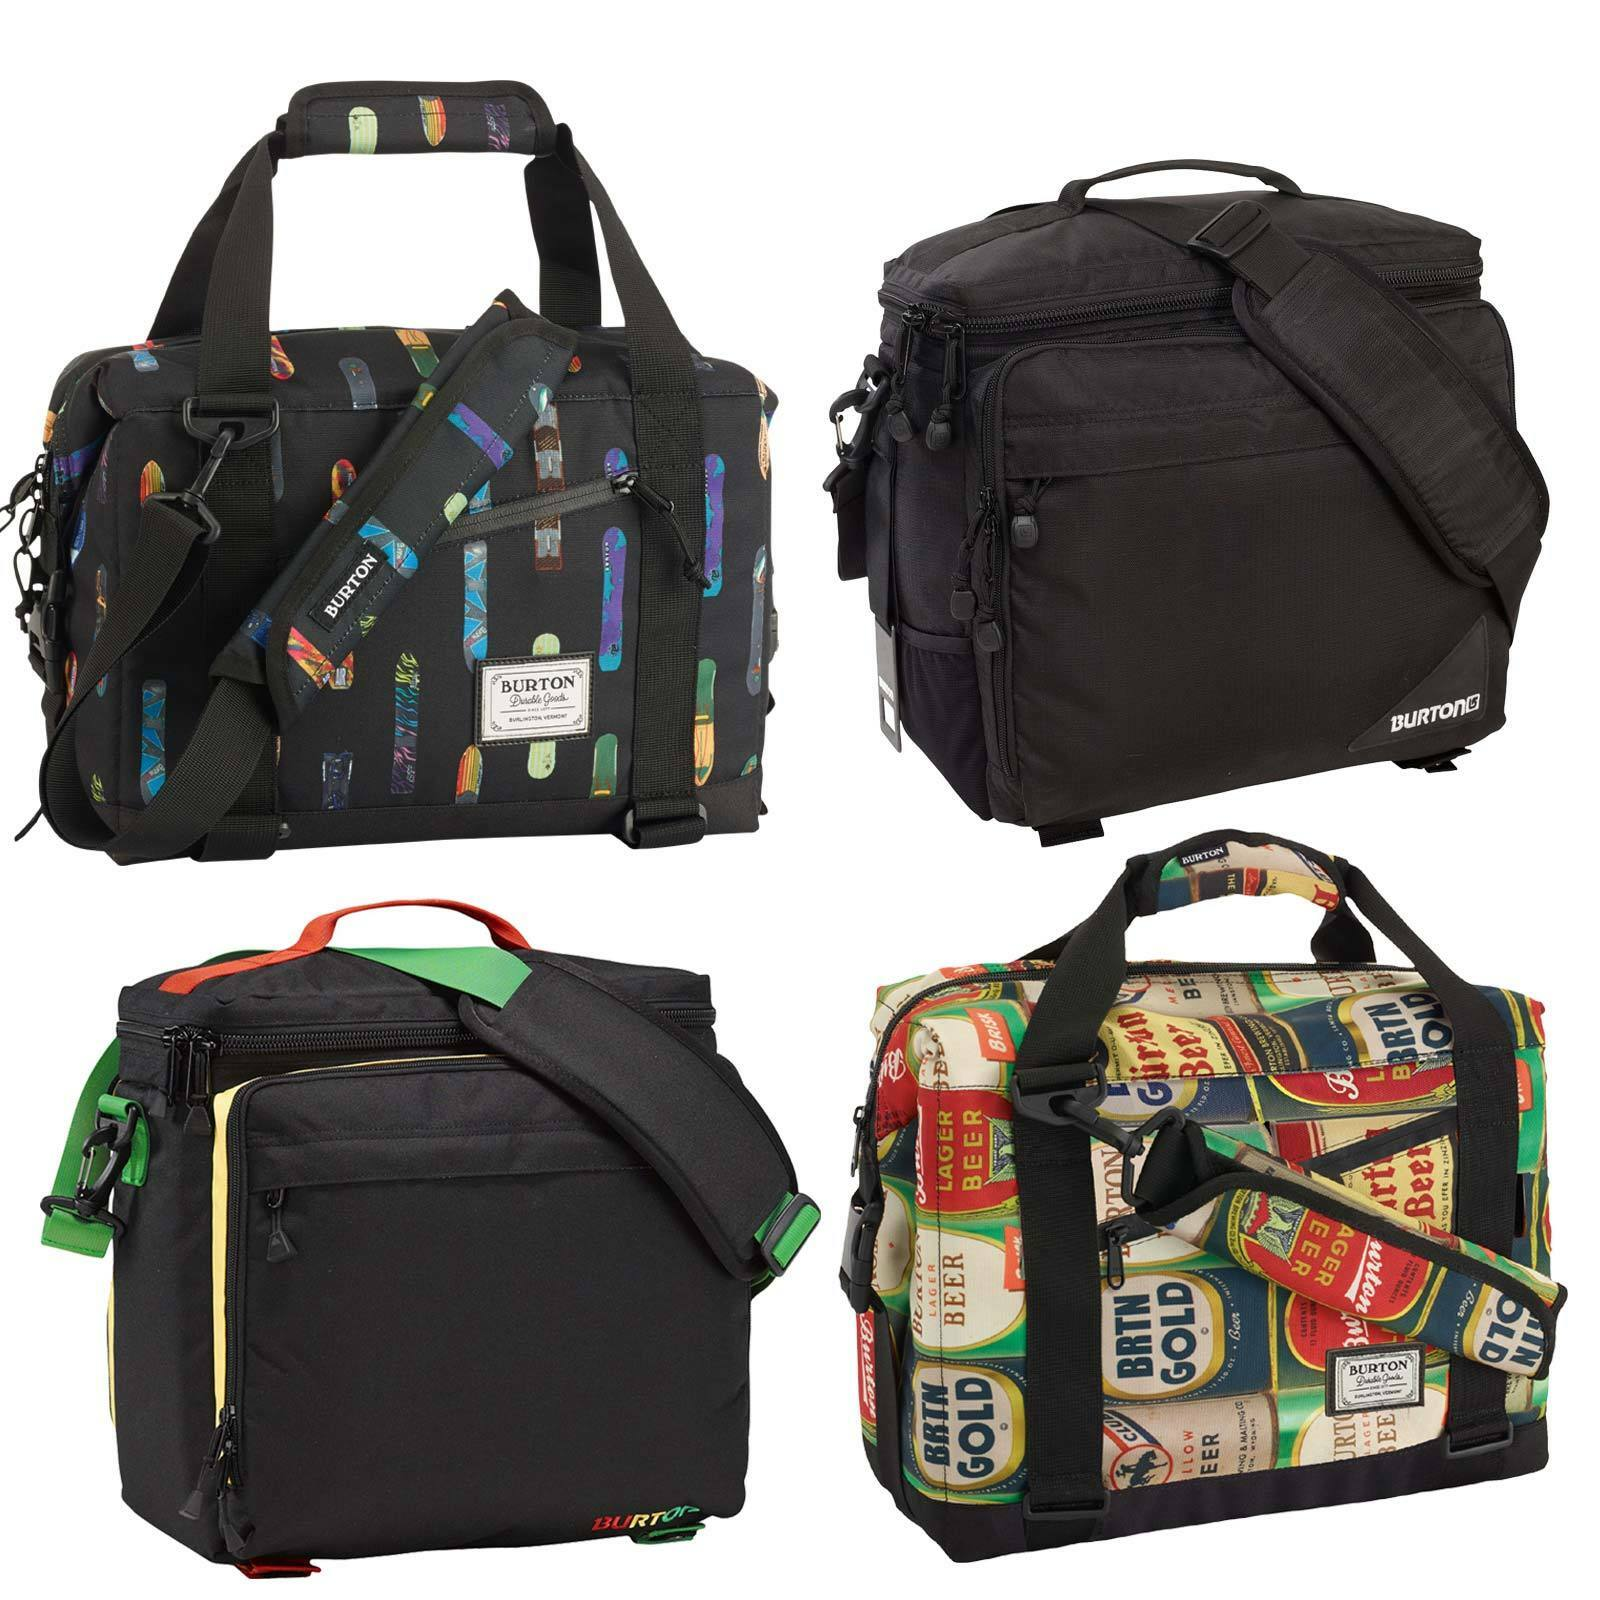 Burton Lil Buddy - Cooler Bag Cool Box Shoulder Bag